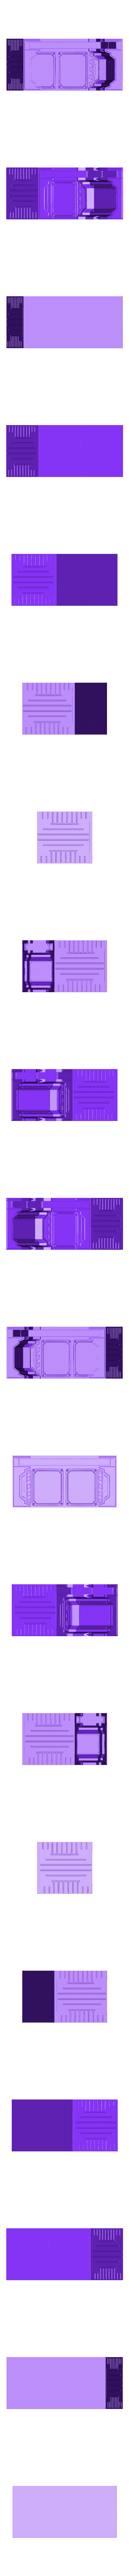 Door_Frame.stl Télécharger fichier STL Modular Space Tiles (kit de base pour votre table) [Kickstarterproject] • Modèle imprimable en 3D, Nemoriko